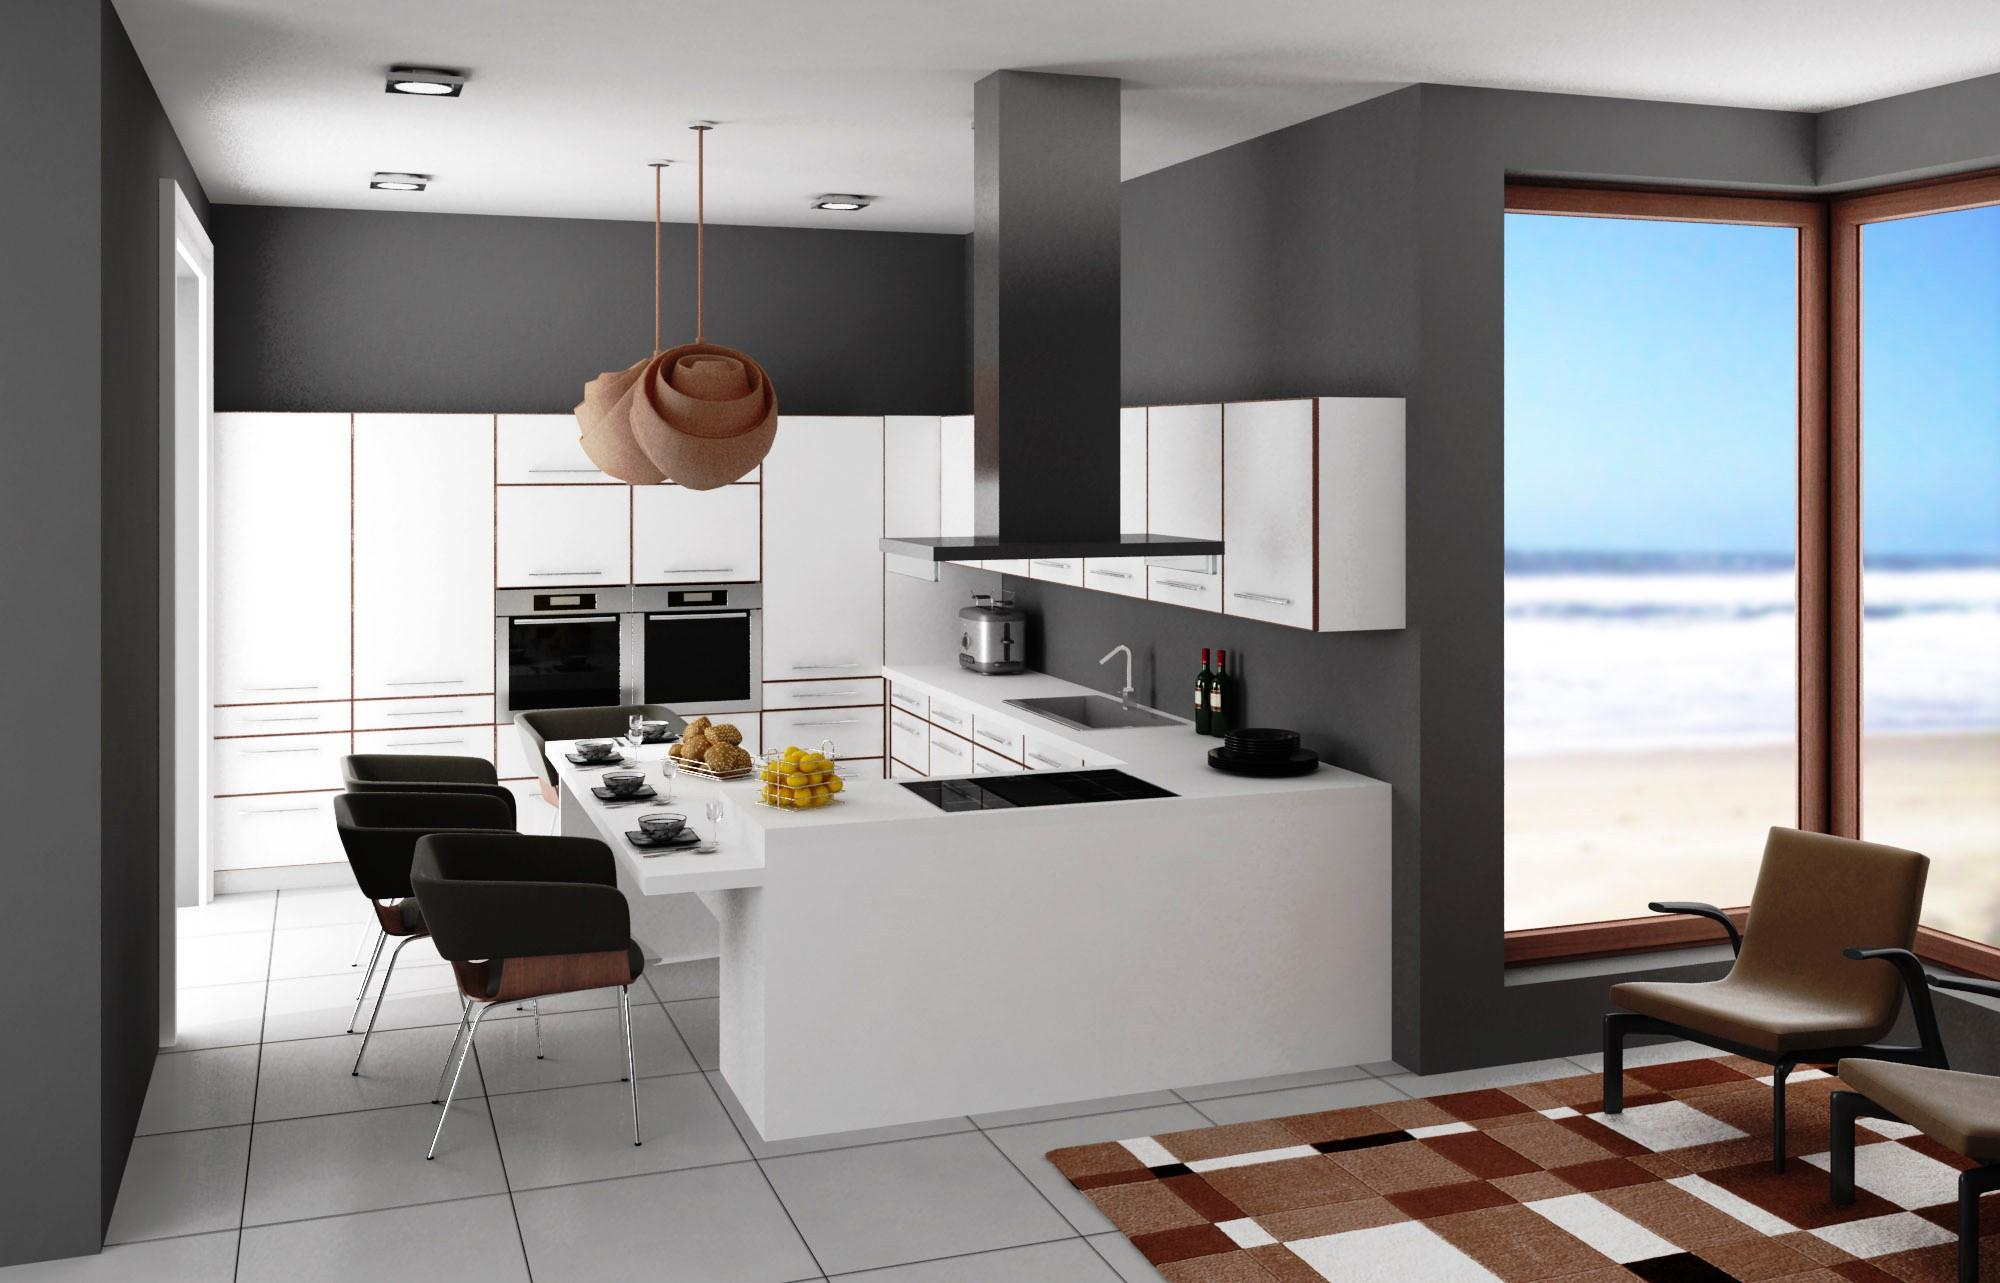 Las cocinas de estulo moderno están compuestas por muebles lisos que facilitan su limpieza y dificultan la acumulaci´ón e sucuiedad. La ventilaciñon de su cocina es de extrema importancia.